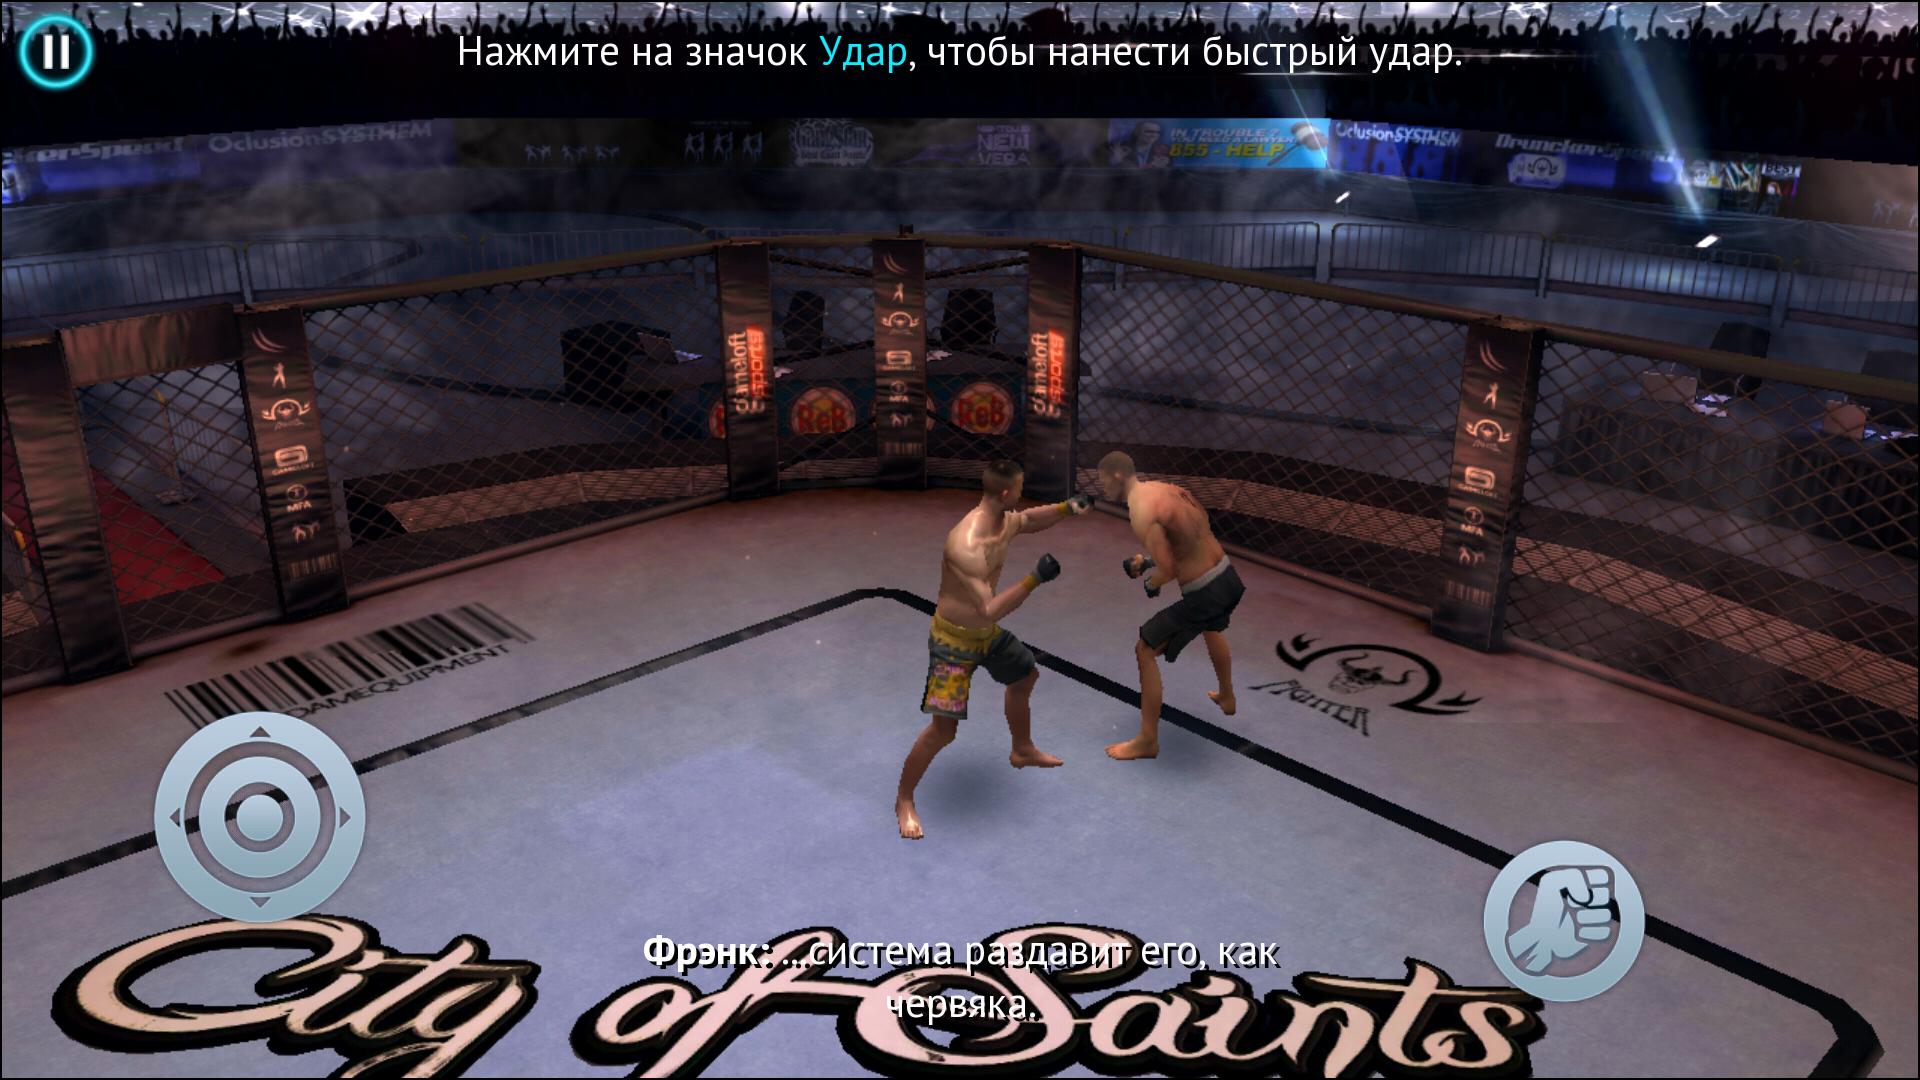 gangstar vegas games free download